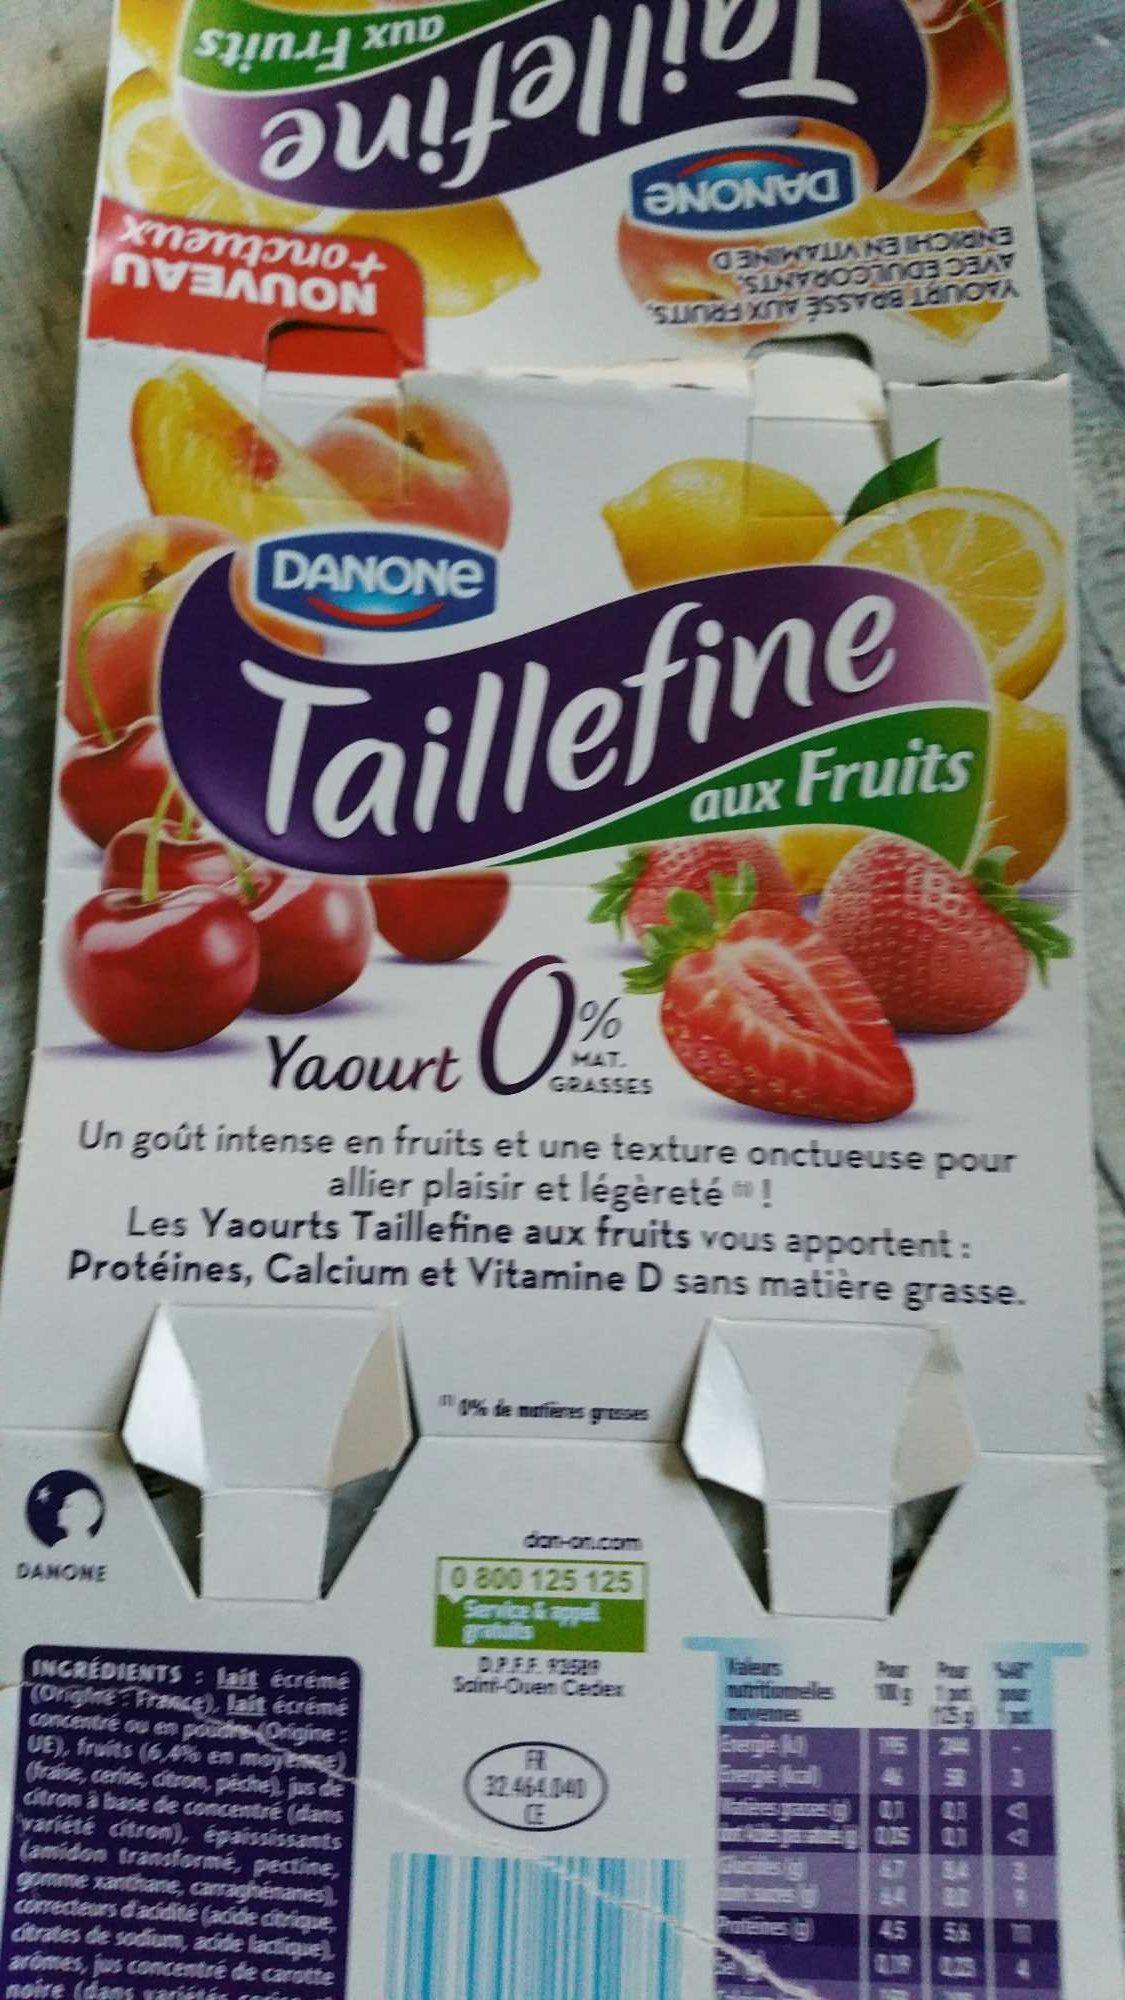 Taillefine Fruits Panaché Fraise, Cerise, Citron, Pêche - Prodotto - fr